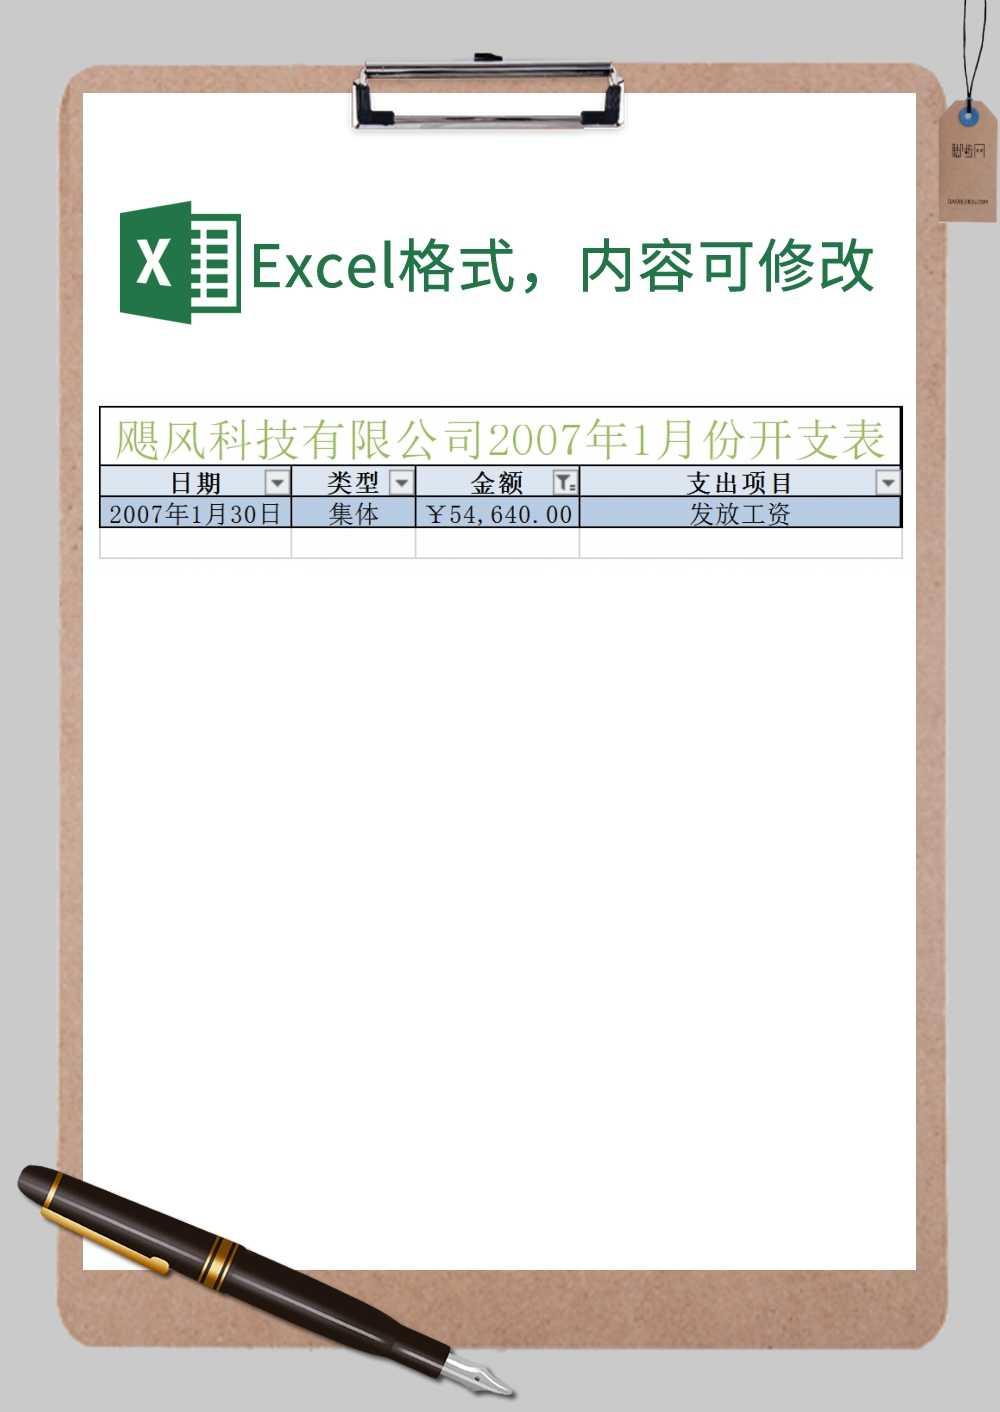 公司发放工资日常费用开支表Excel模板